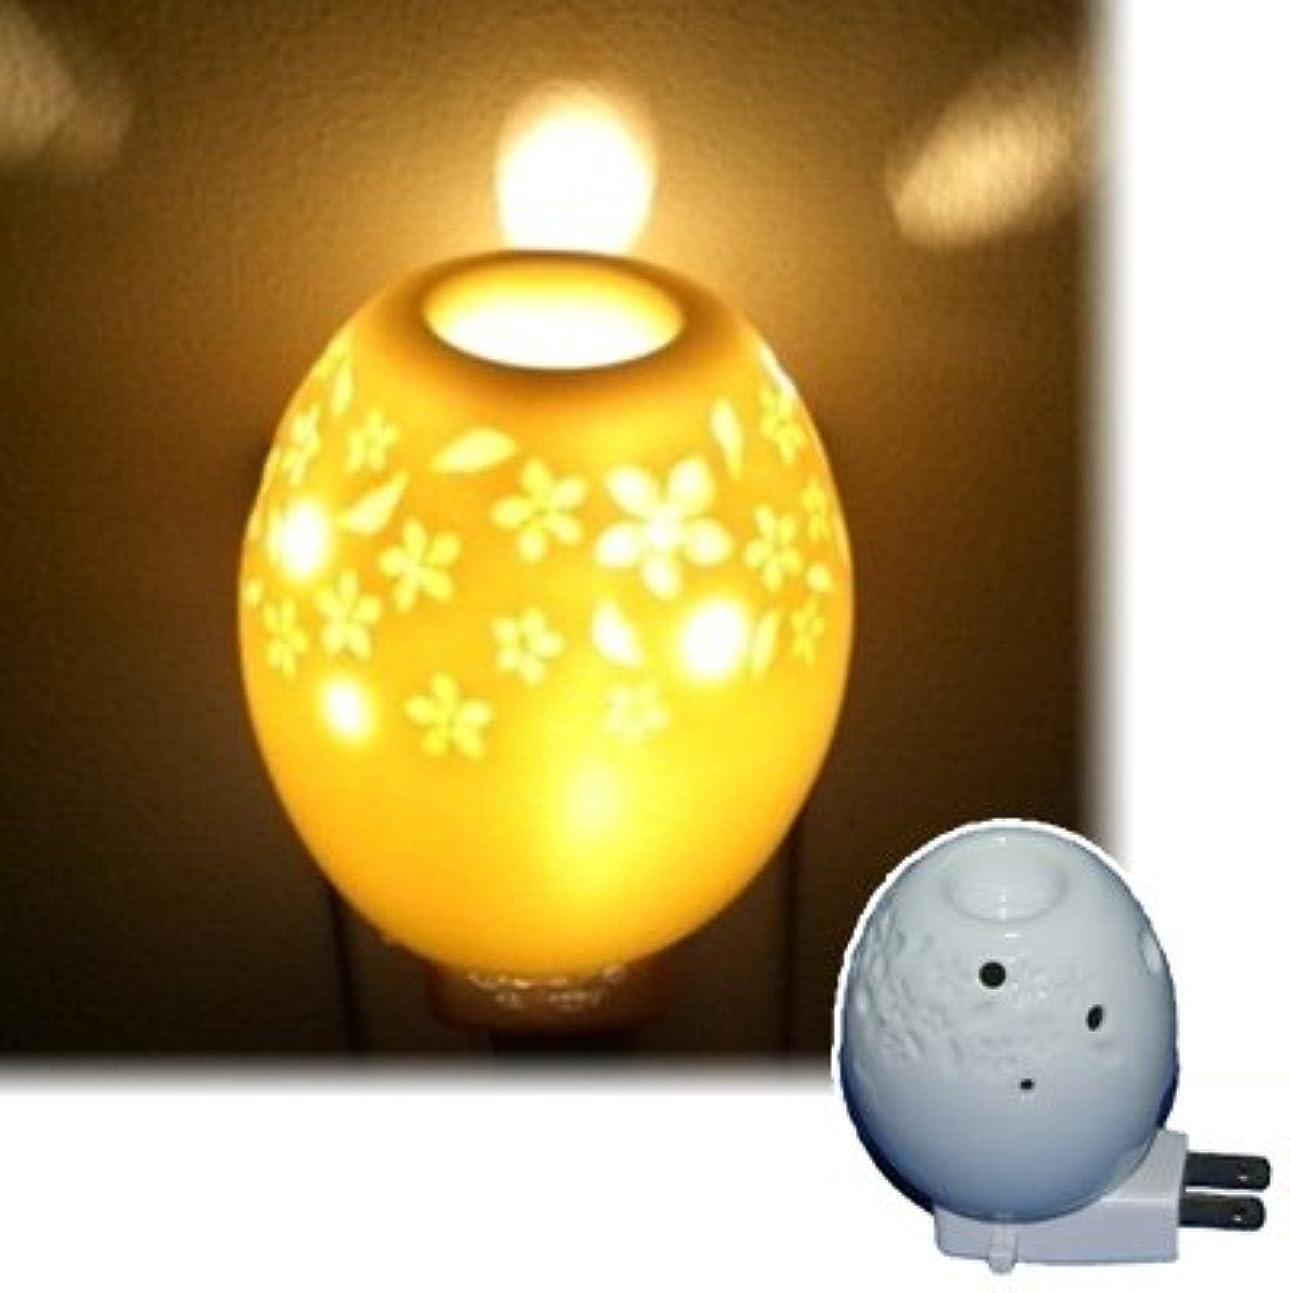 柔らかいクリープメダリストアロマオールナイト オーバル 生活の木 アロマランプ(電気式芳香器)